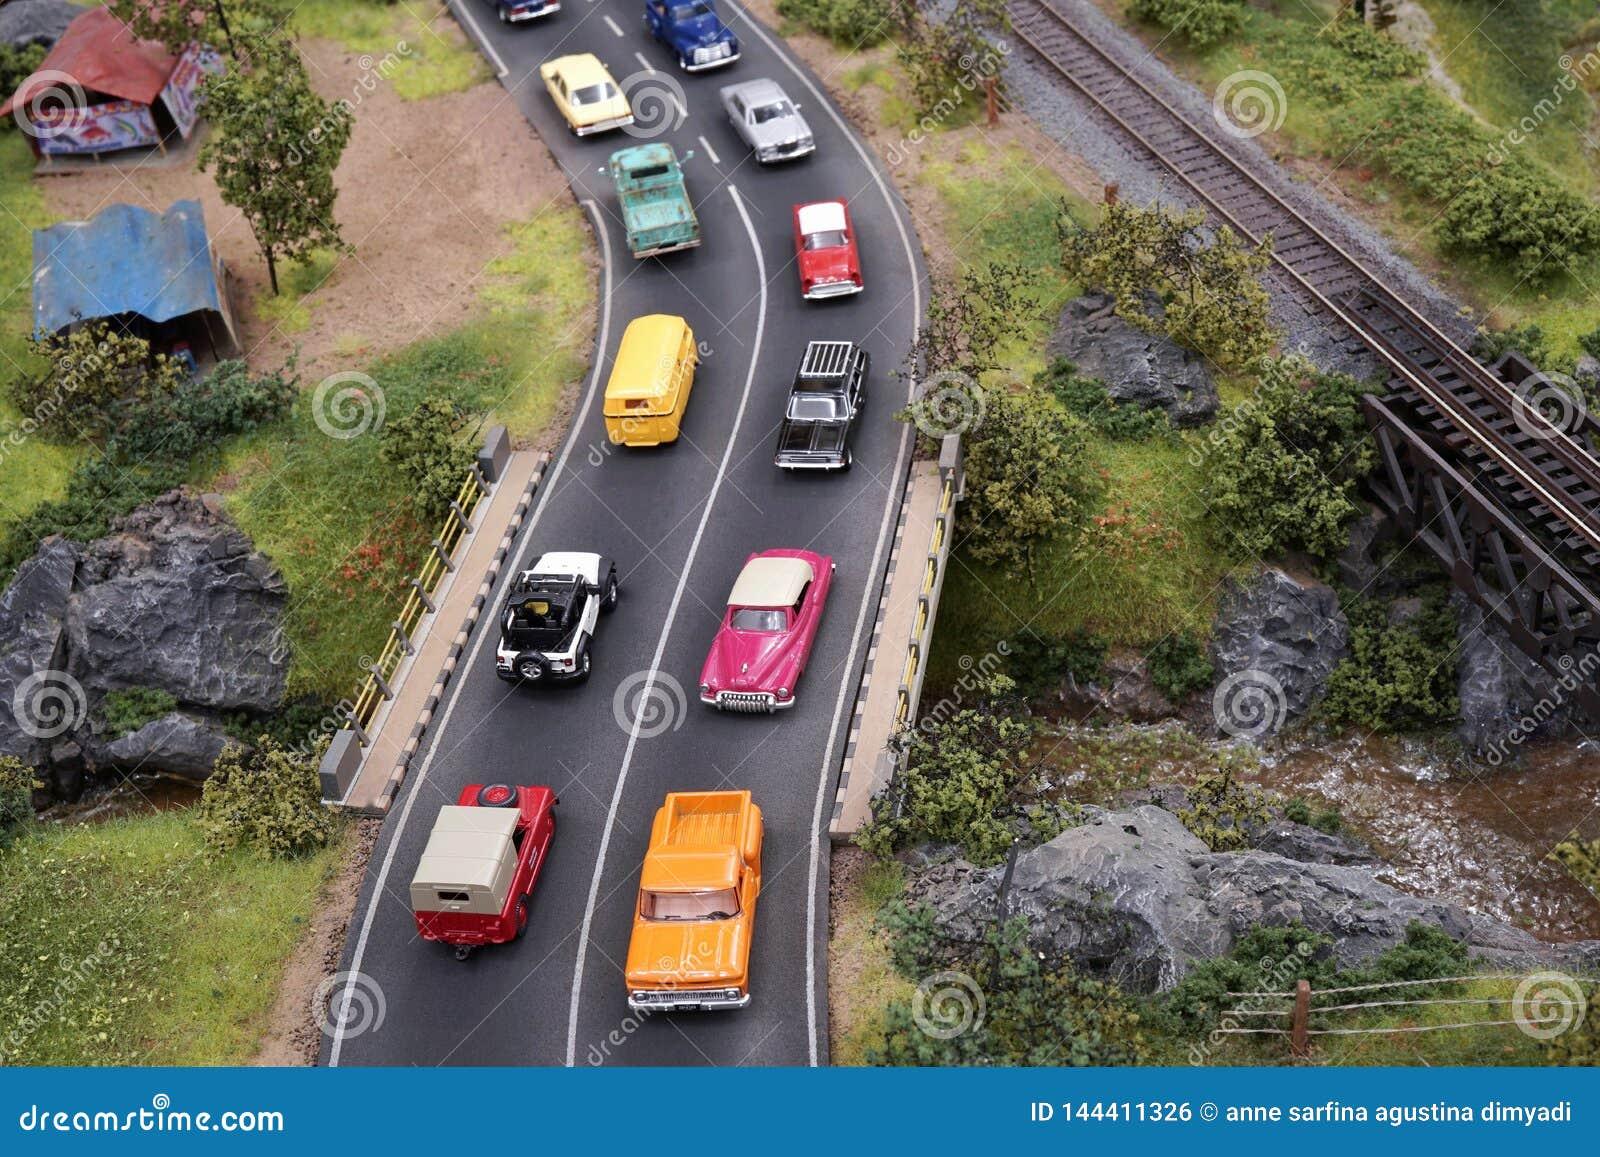 Tráfego de estradas aglomerado diminuto com muitos carros na rua